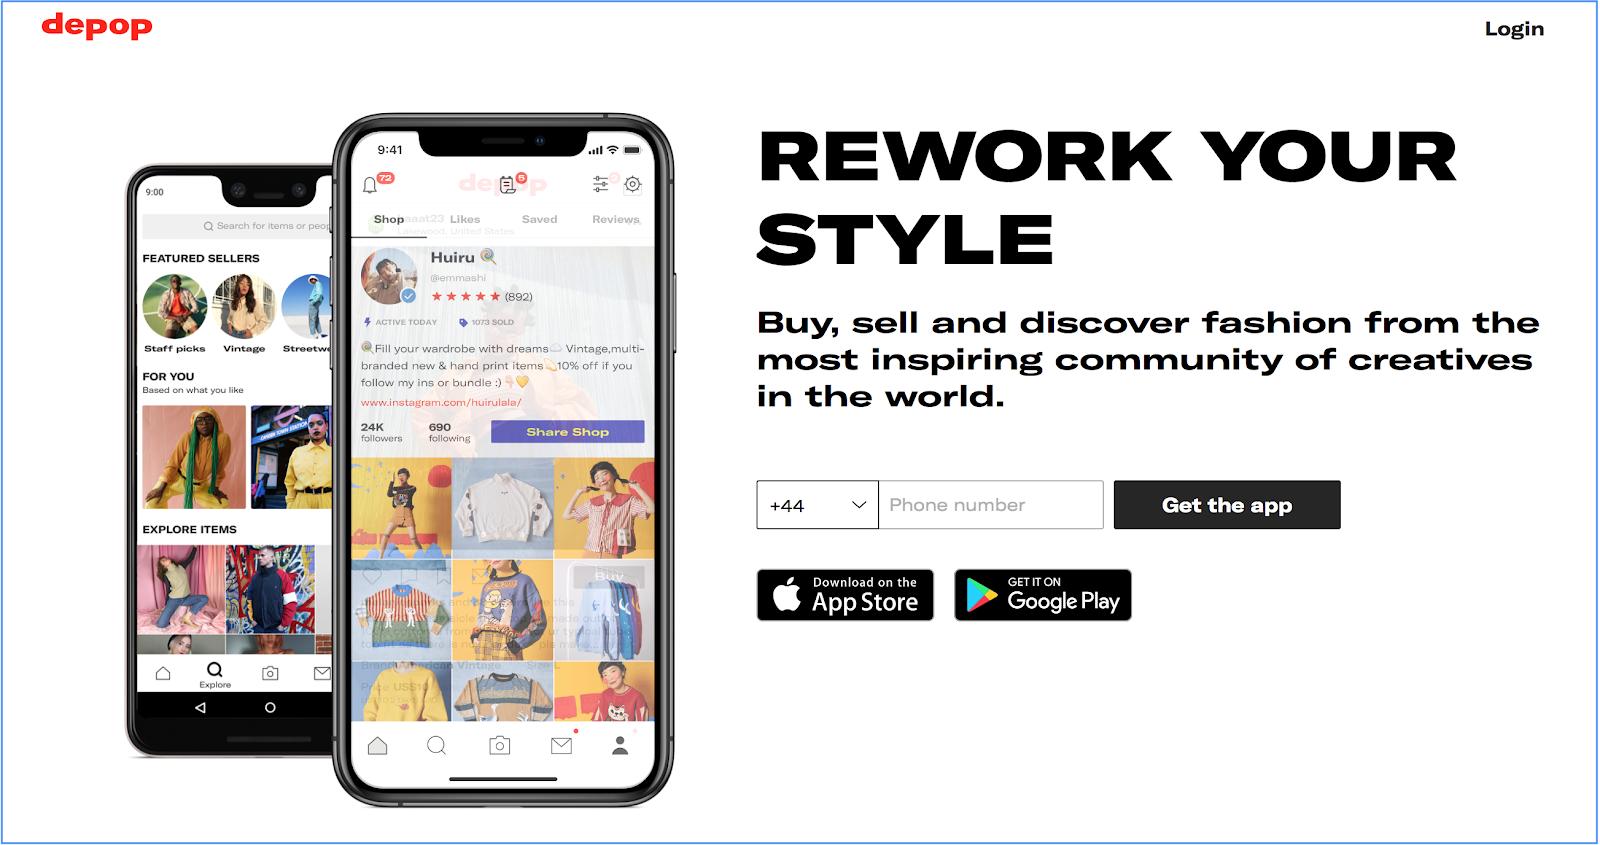 Depop app homepage